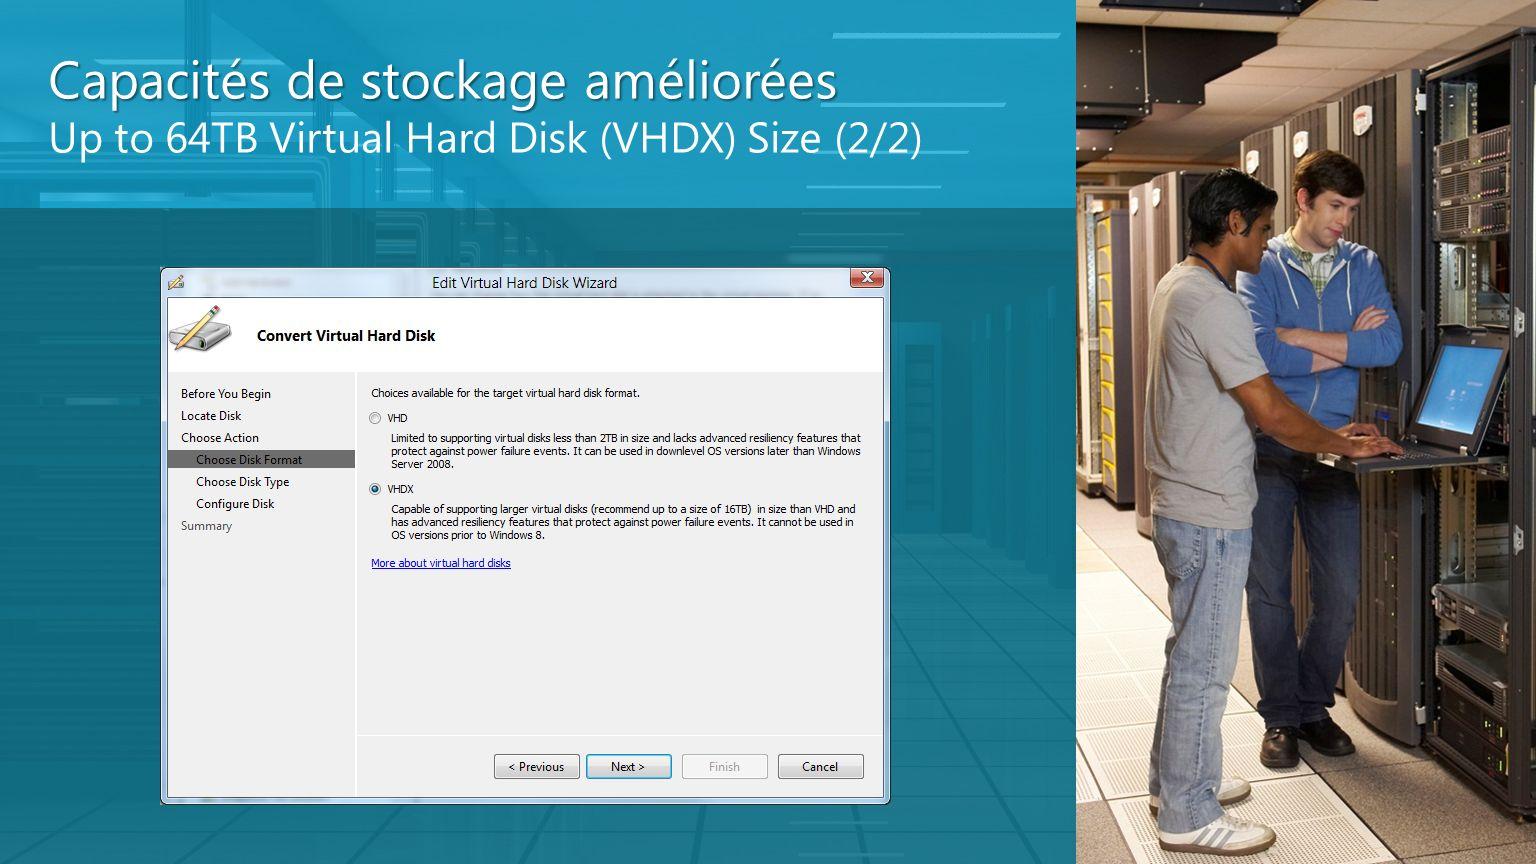 Capacités de stockage améliorées Up to 64TB Virtual Hard Disk (VHDX) Size (2/2)